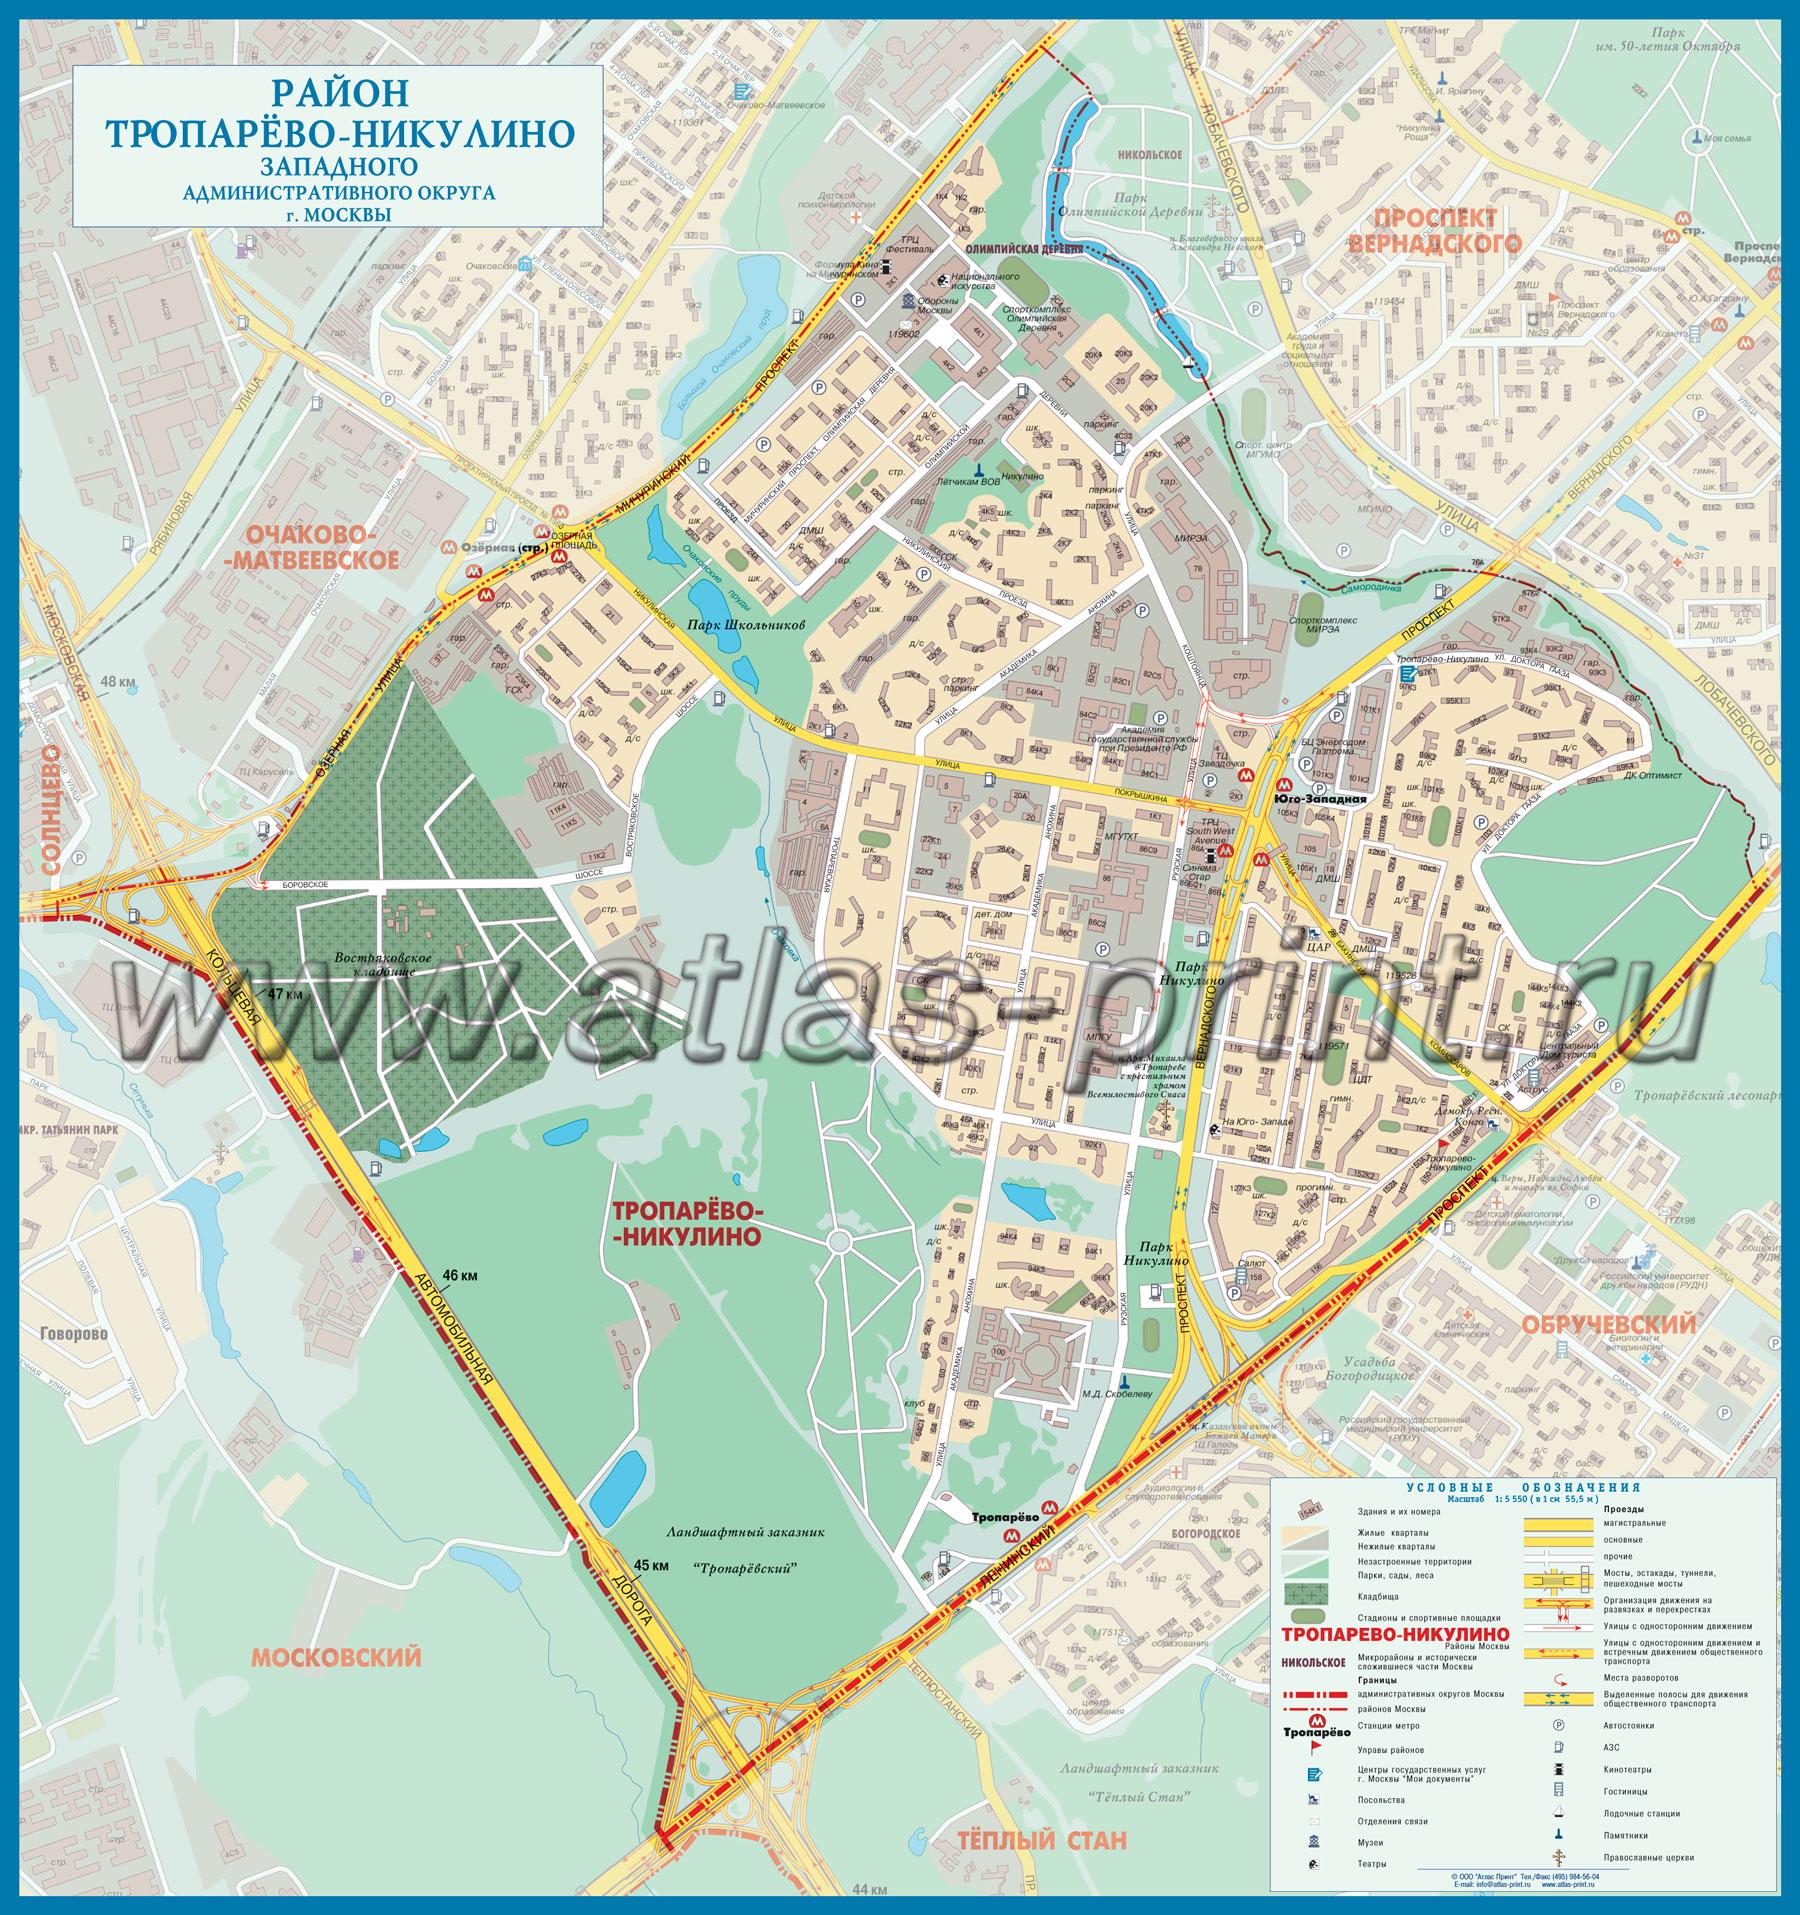 Настенная карта района ТРОПАРЁВО-НИКУЛИНО (ЗАО) г.Москвы 0,94*1,00 м, ламинированная